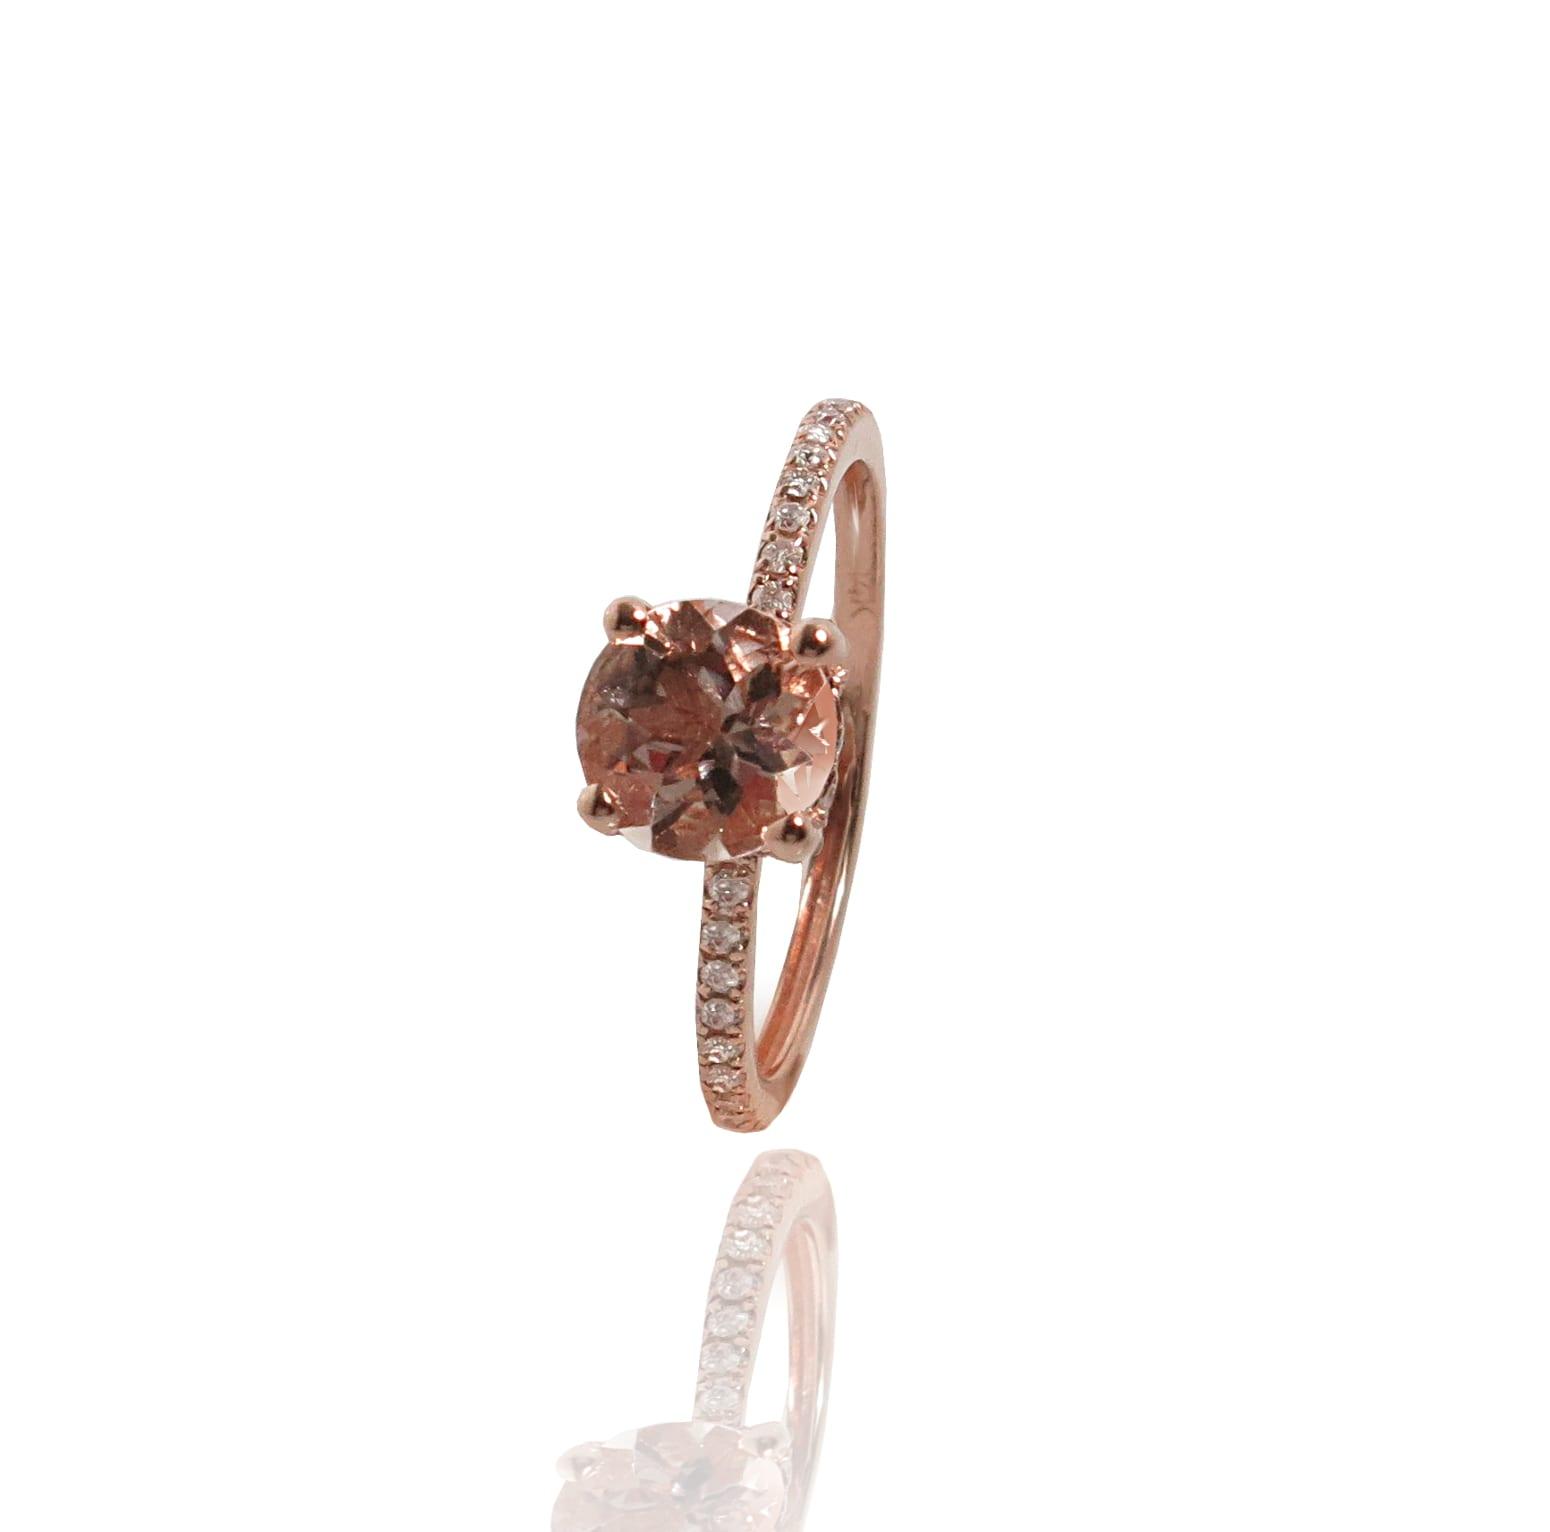 טבעת מורגנייט ויהלומים מעוצבת בזהב ורוד 14 קאראט